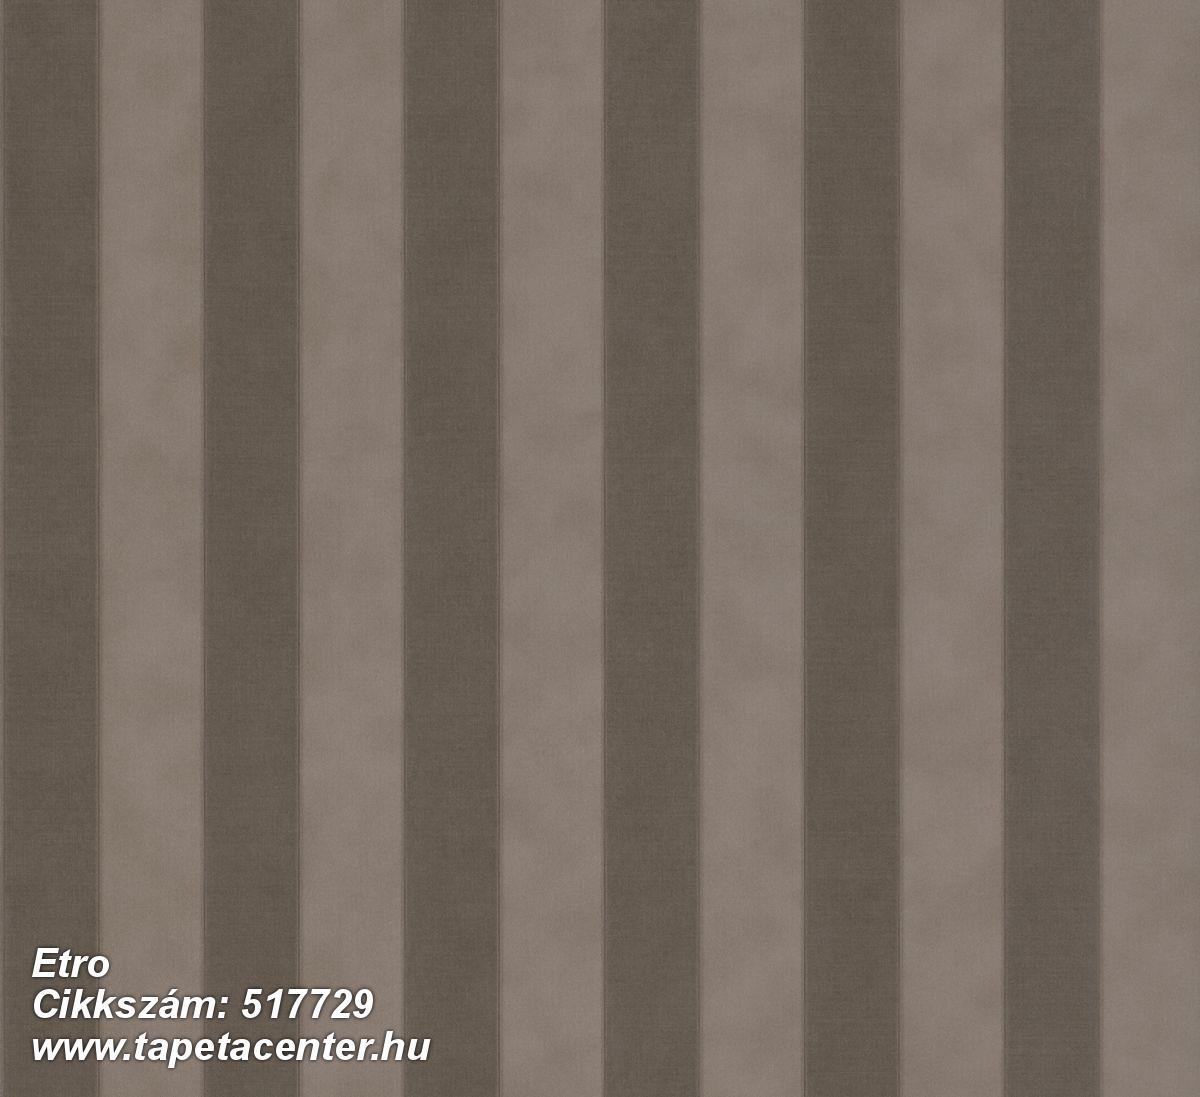 Csíkos,különleges felületű,metál-fényes,textil hatású,textilmintás,barna,bézs-drapp,lemosható,illesztés mentes,Vlies tapéta